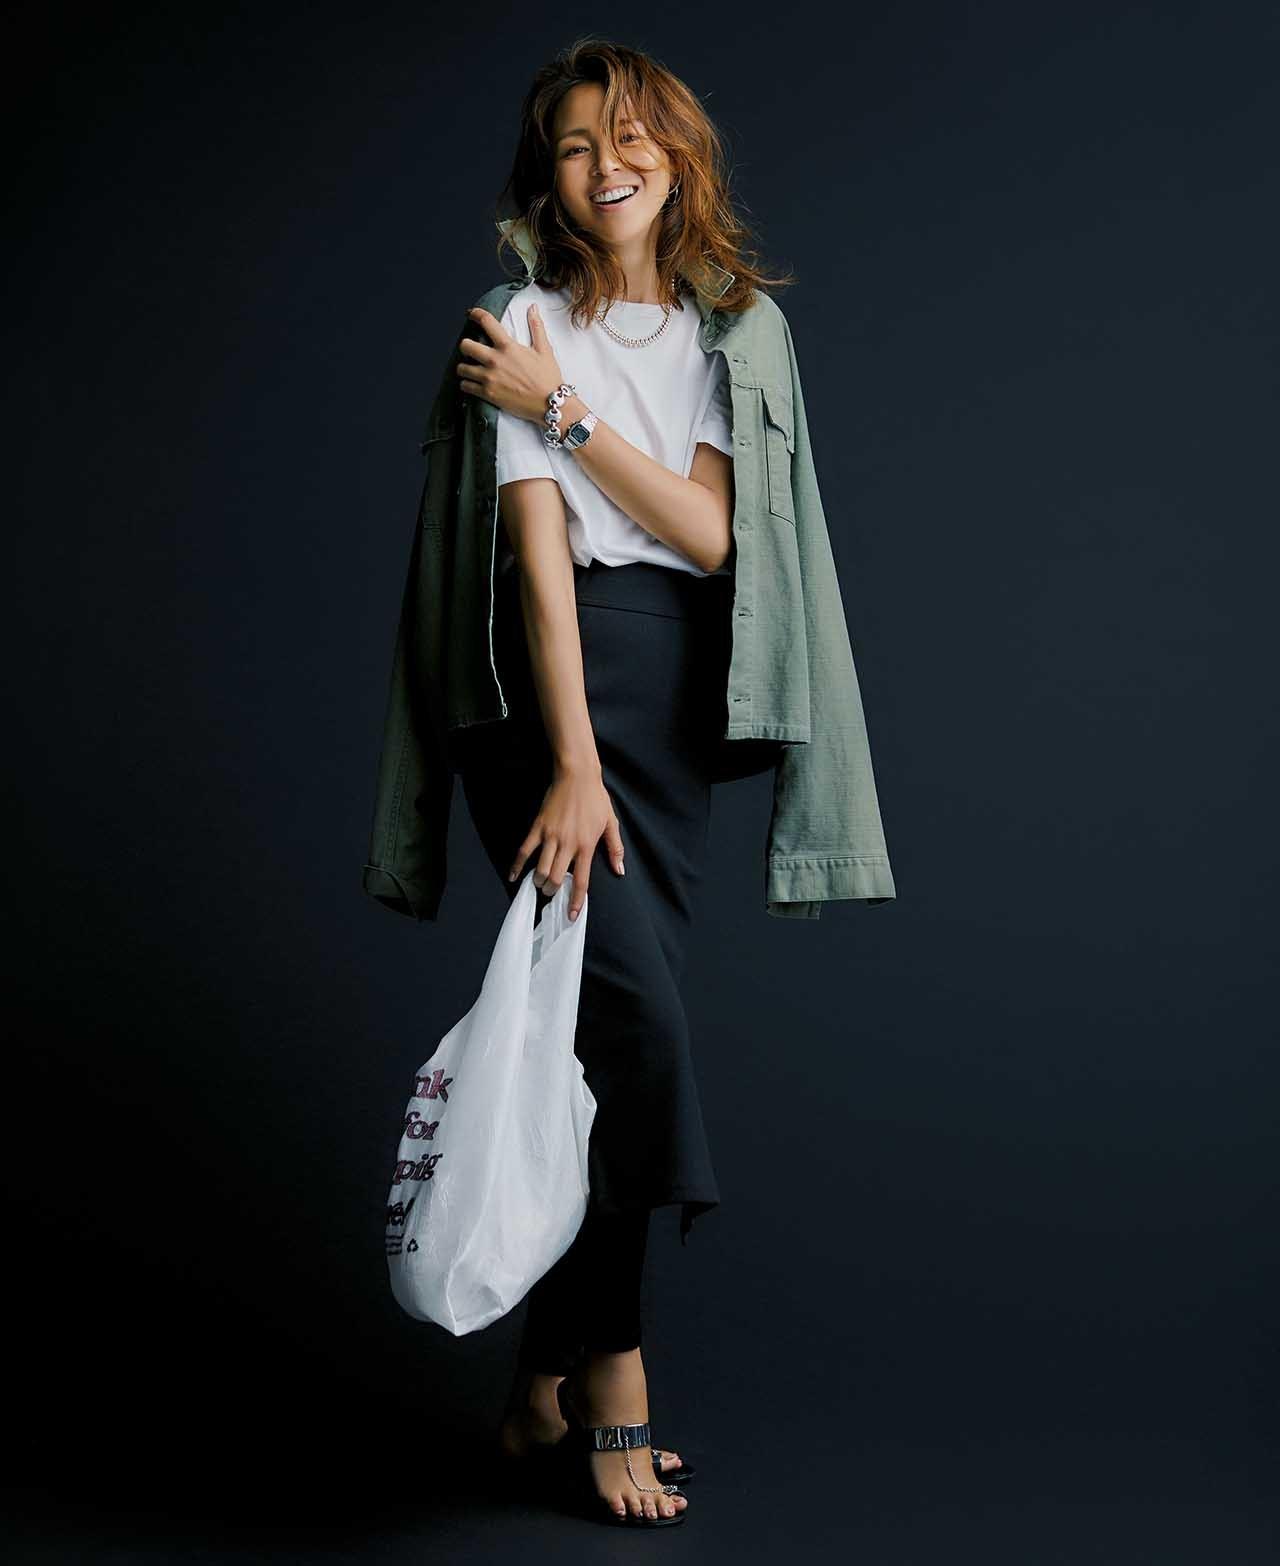 SLOANEの白Tシャツ×黒のタイトスカートコーデを着たモデルのSHIHOさん